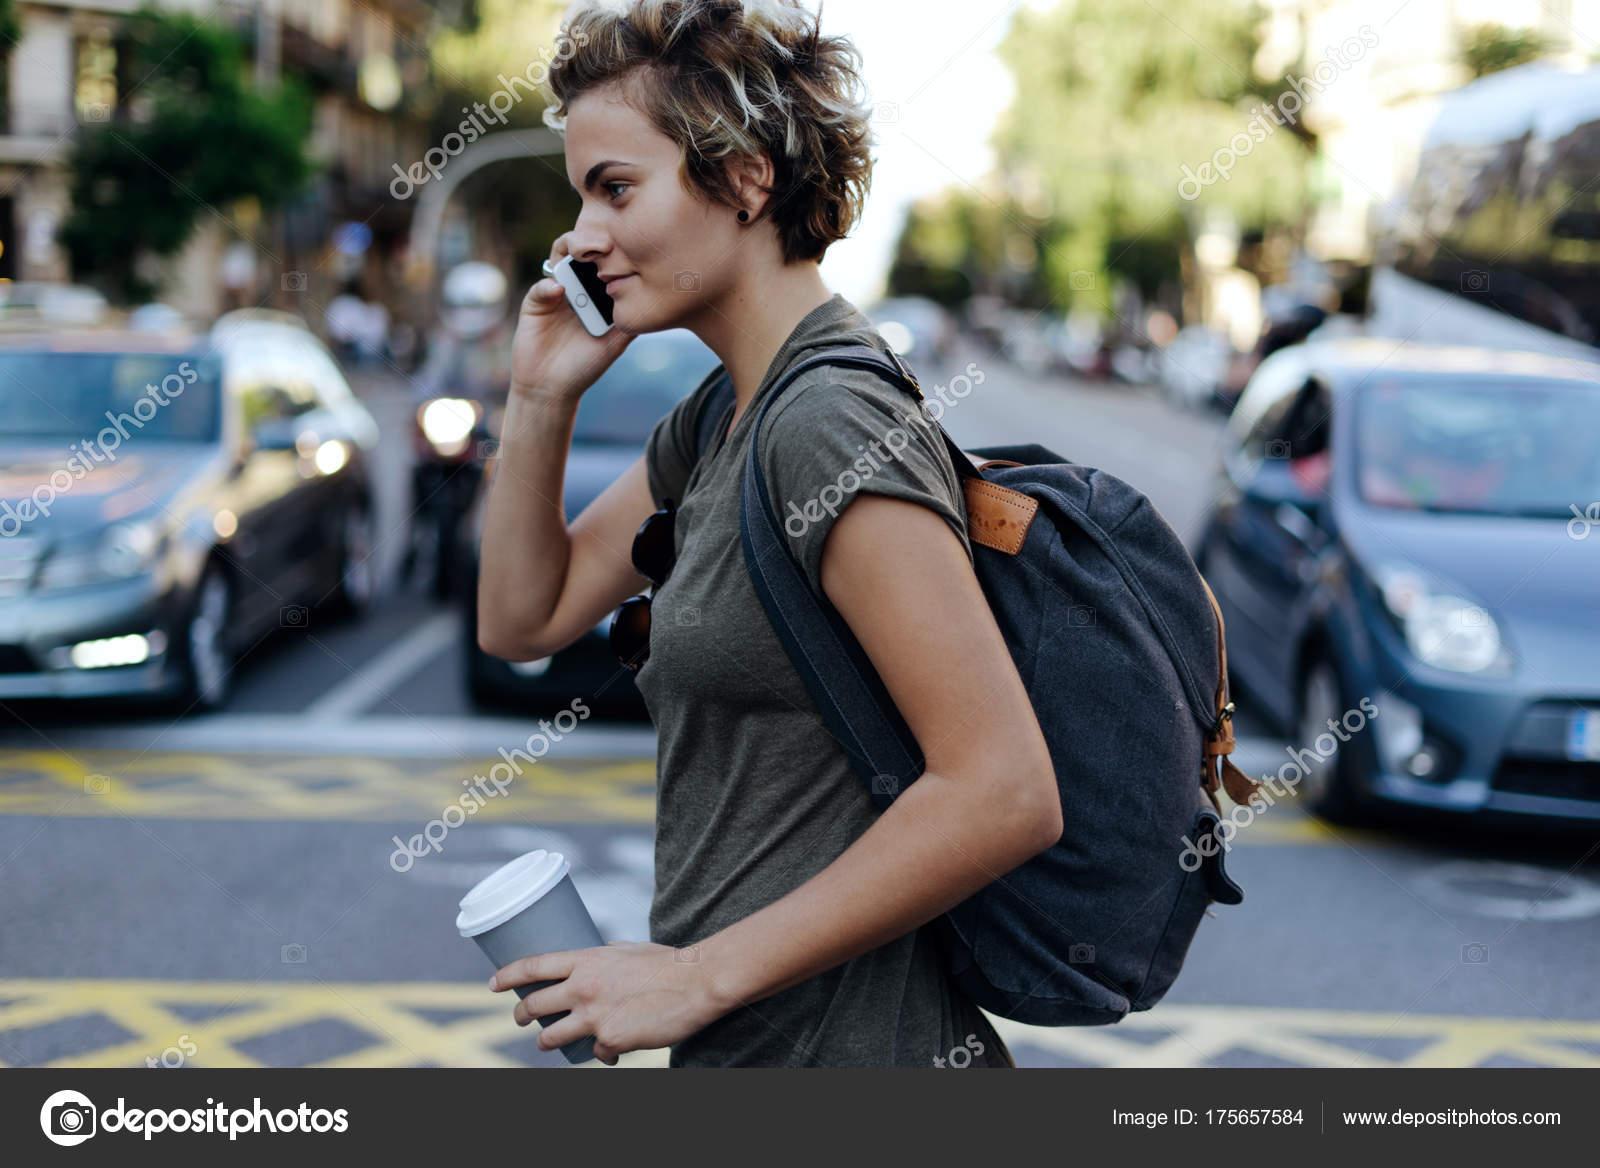 wie man mit Mädchen auf Handy spricht